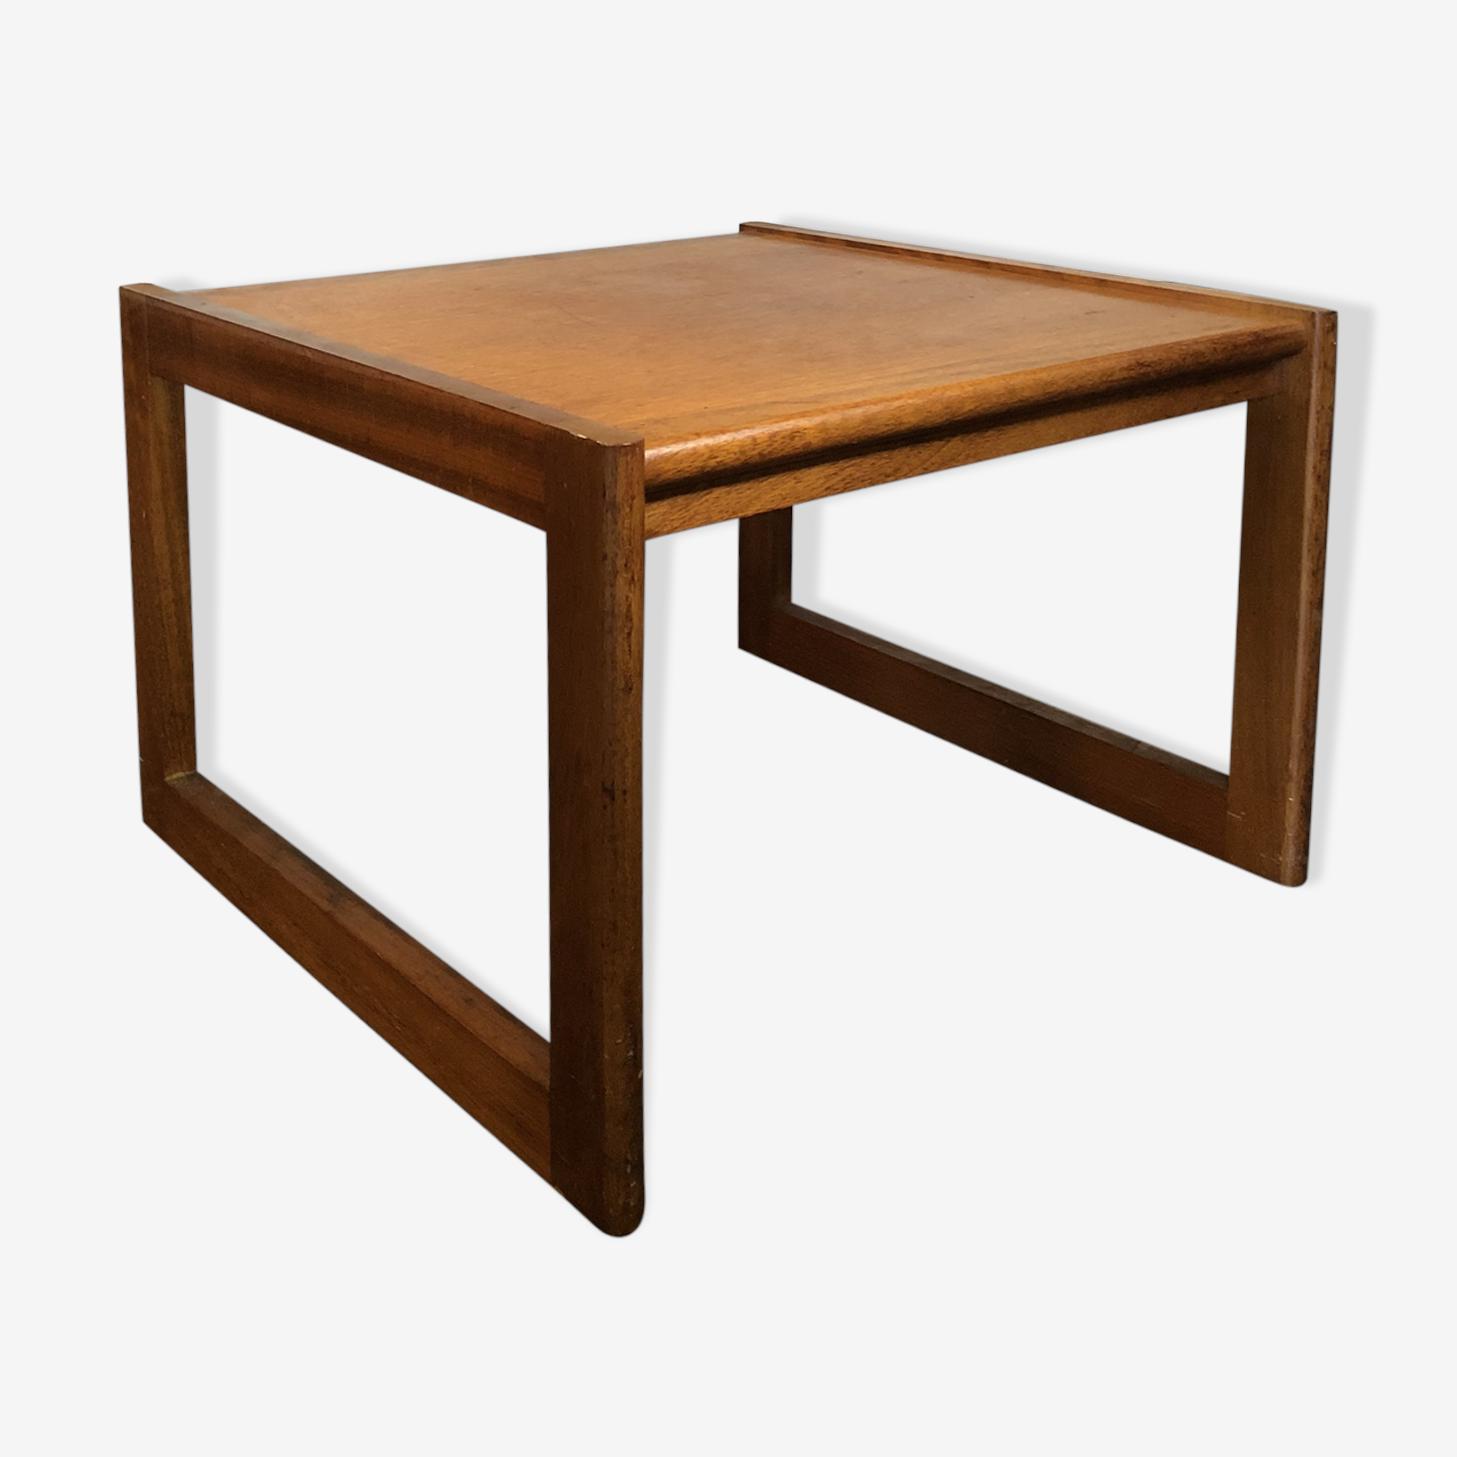 Table basse en teck rétro années 60 design danois